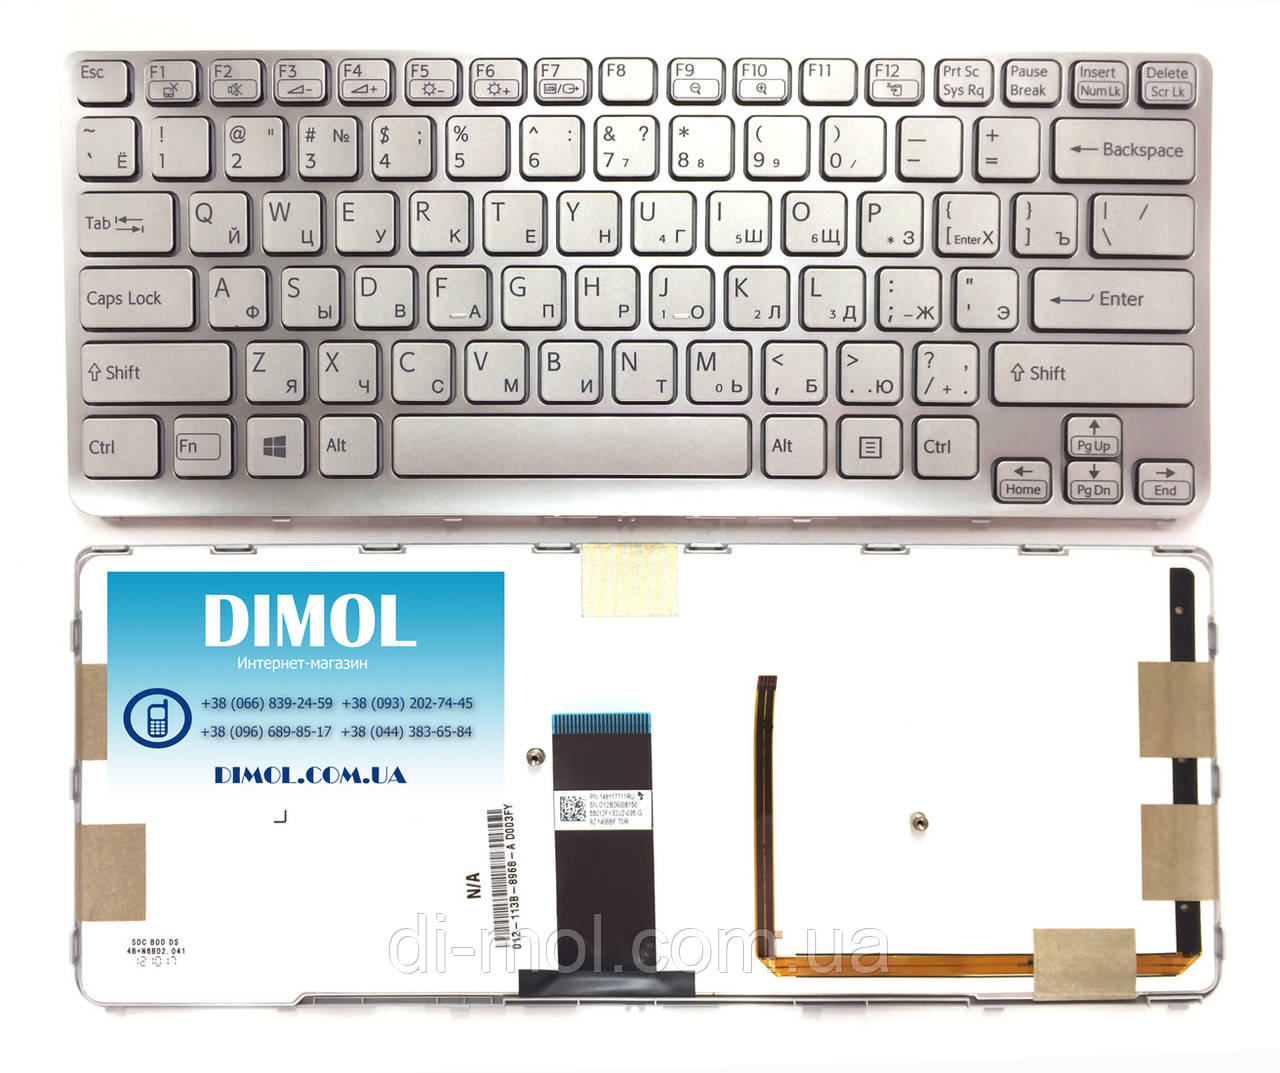 Оригинальная клавиатура для ноутбука Sony Vaio E14, SVE14 series, ru, silver, подсветка